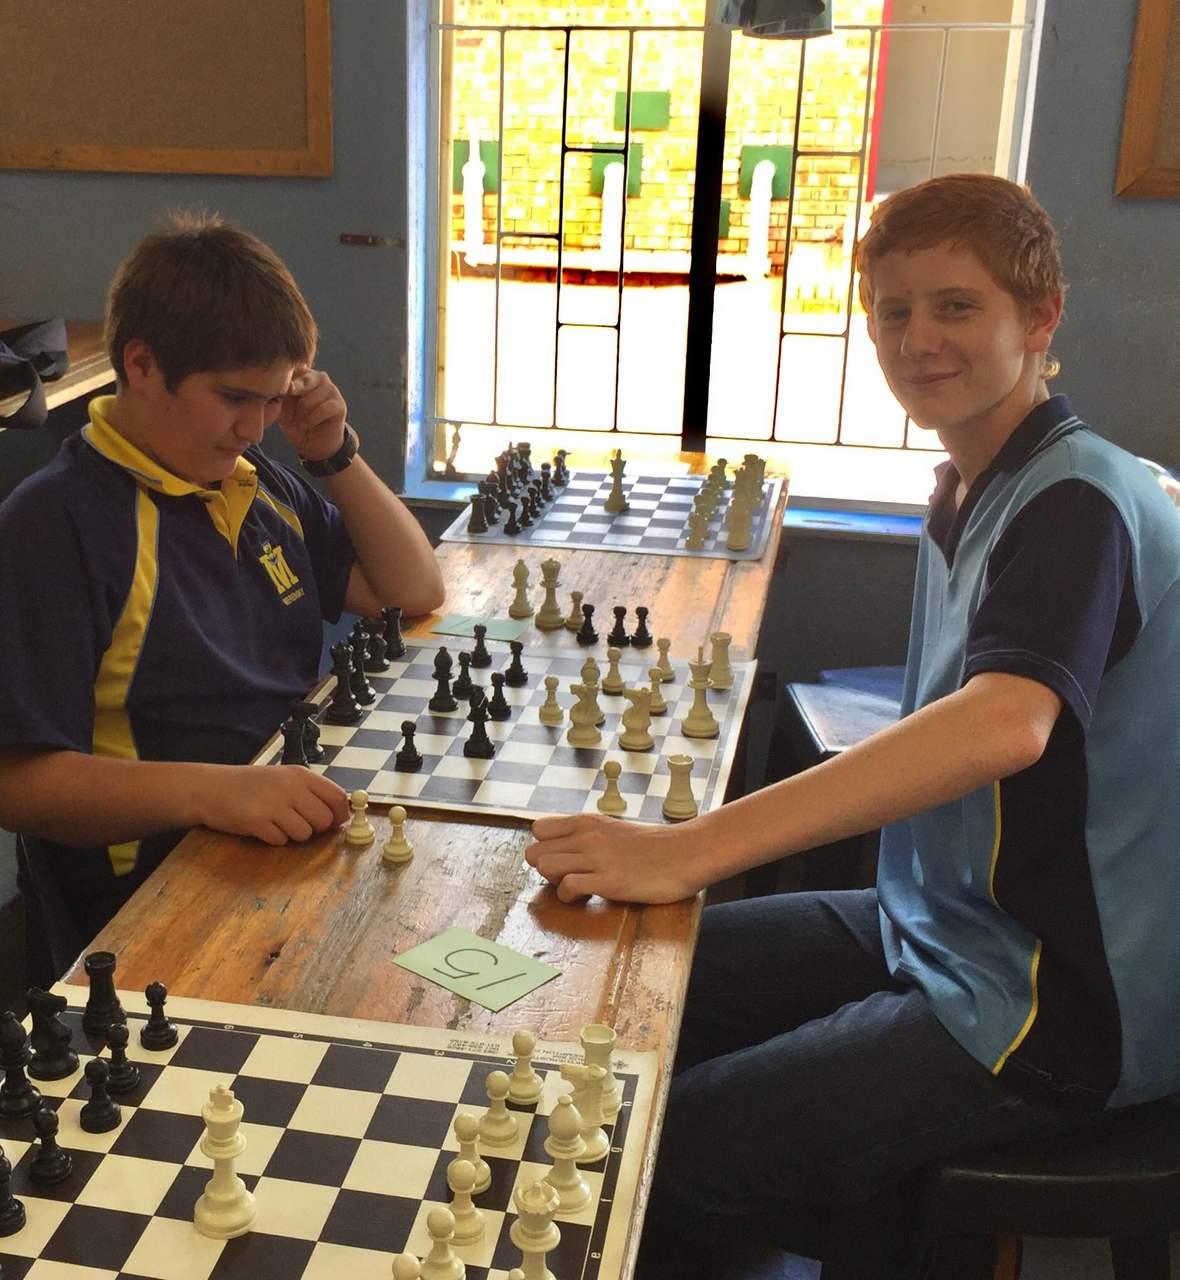 Chess 05 Kevin van Onselen and Wiehan Cloete